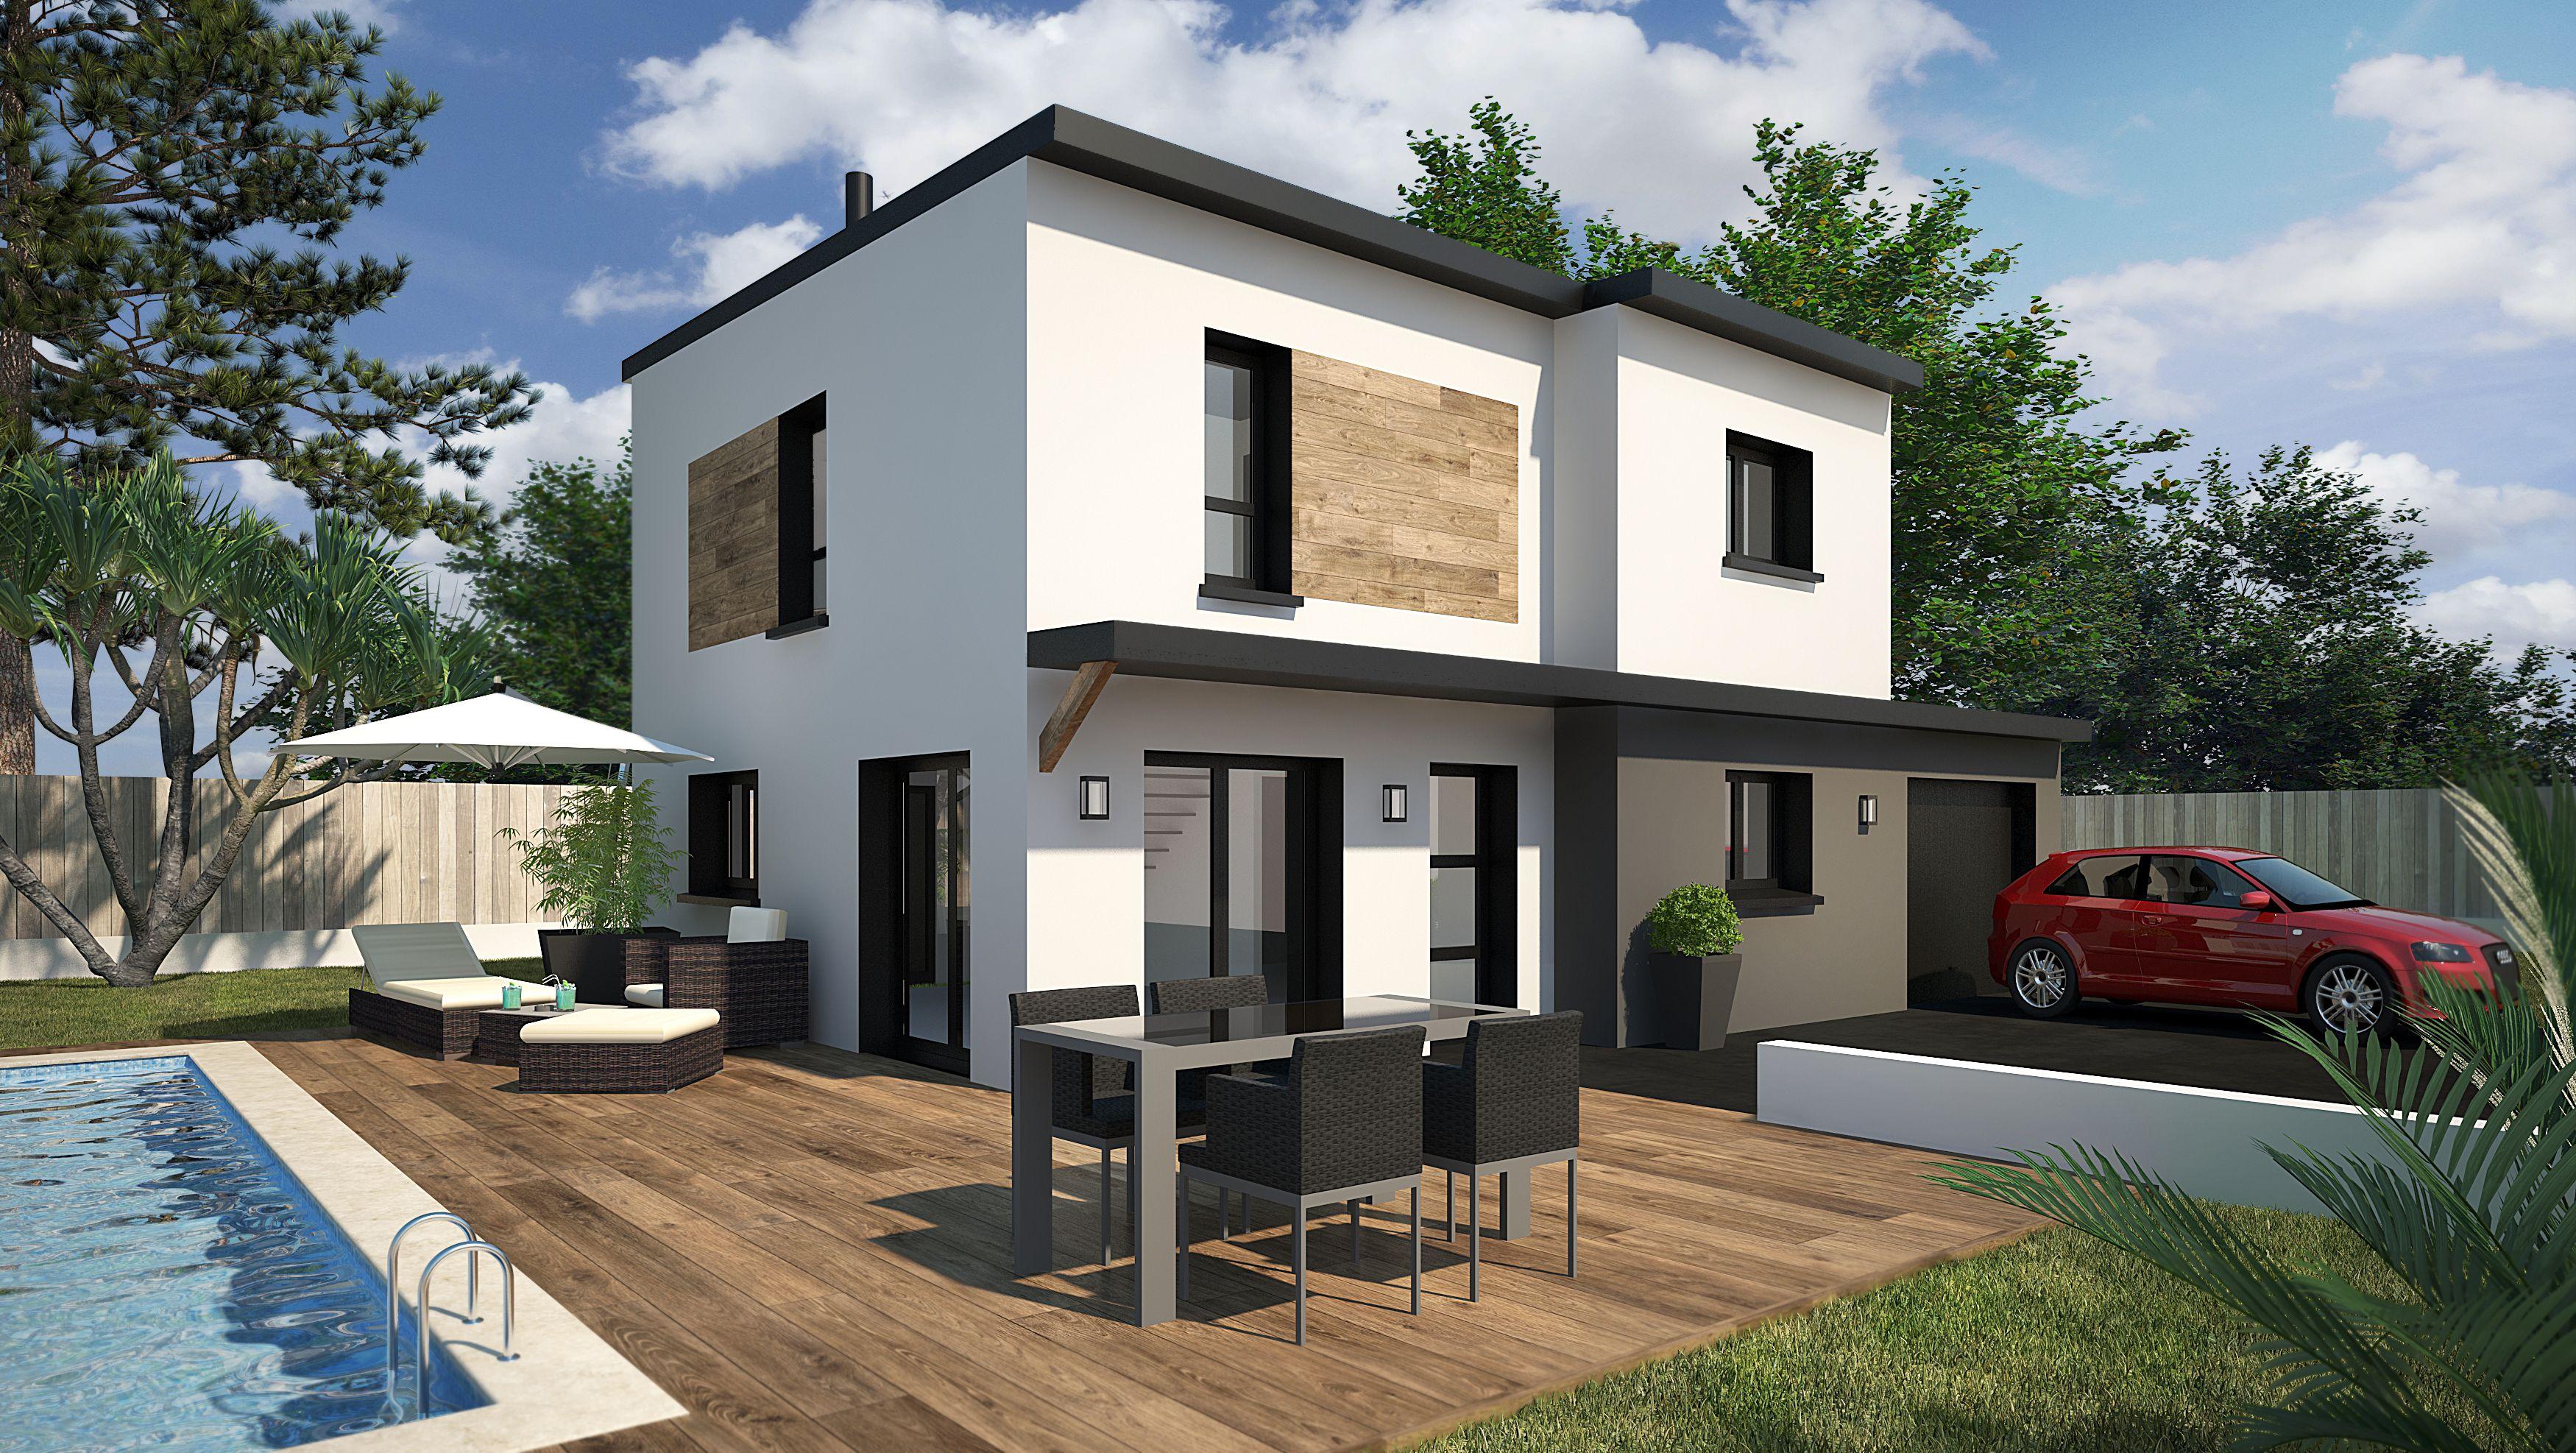 Modèle de maison : GAVRINIS MONO | Mezzanine, Maisons contemporaines ...